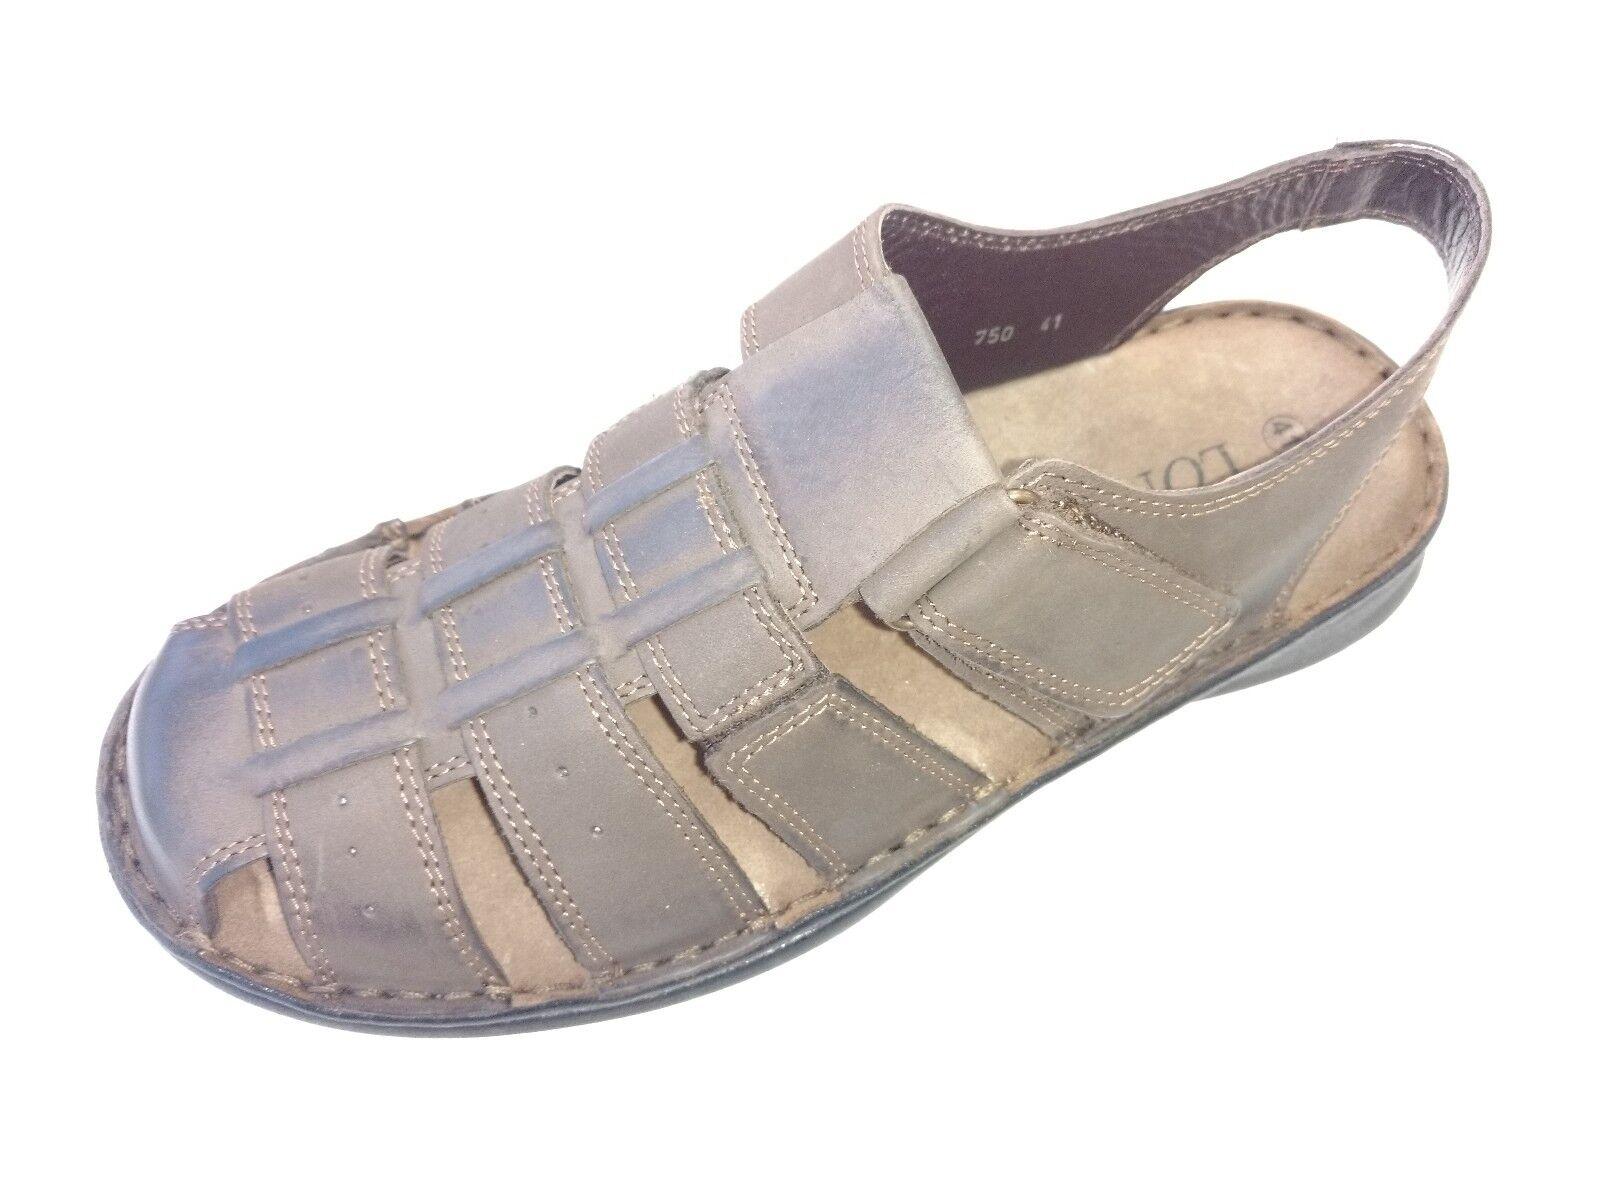 Longo Herren Schuhe Sandale Sandalette Slipper Halbschuh 1008116 3 braun braun 3 Leder e11e44